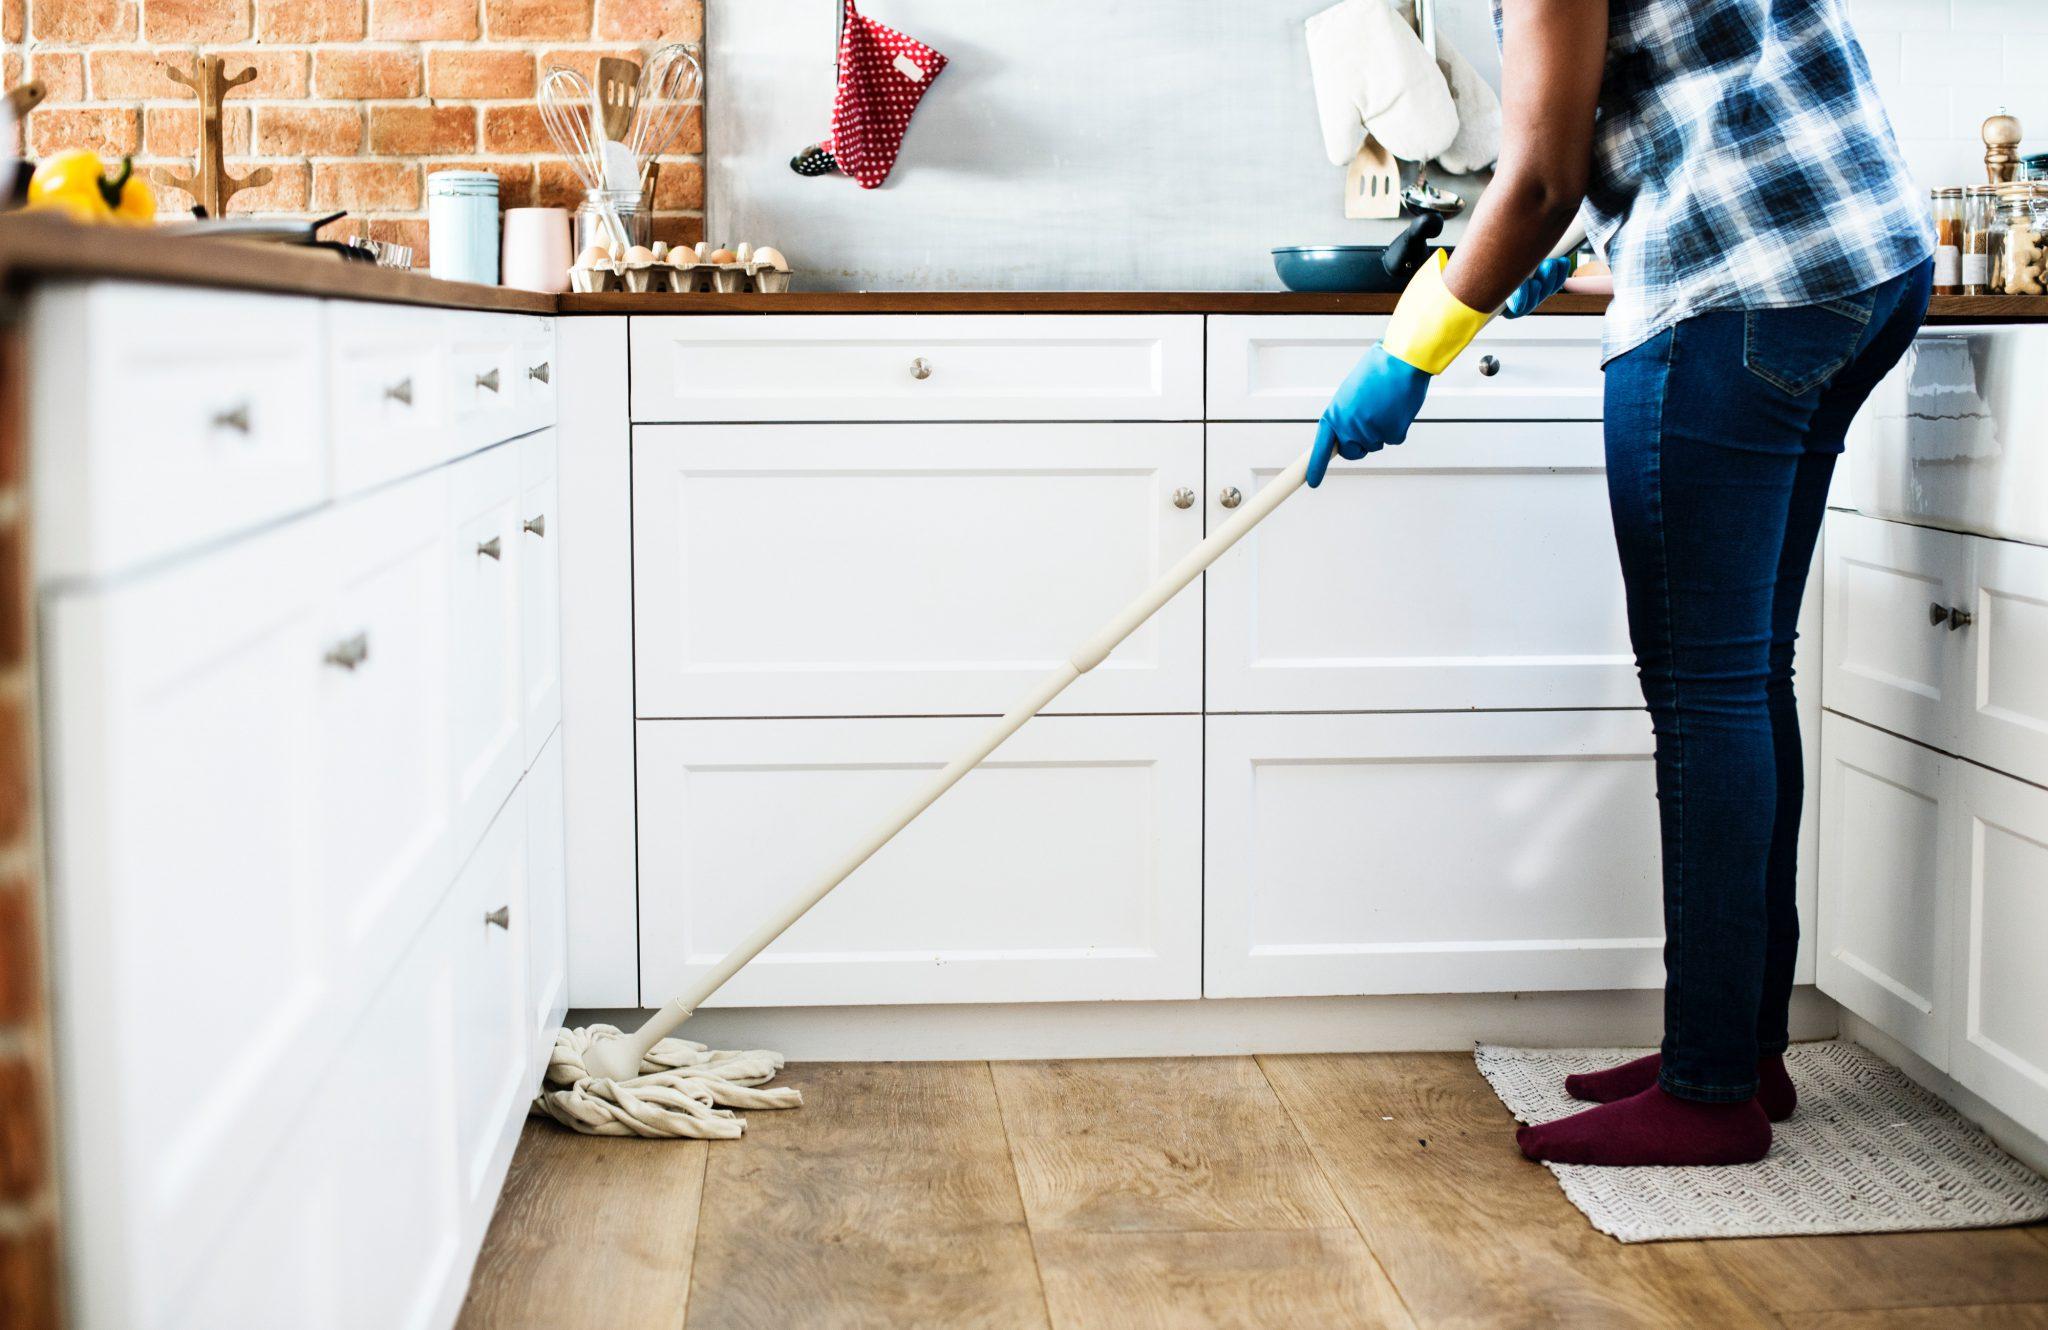 kura domowa, obowiązki domowe, prace domowe, jak odciągnąć się do prac domowych, jak odnaleźć sens życia, pasja